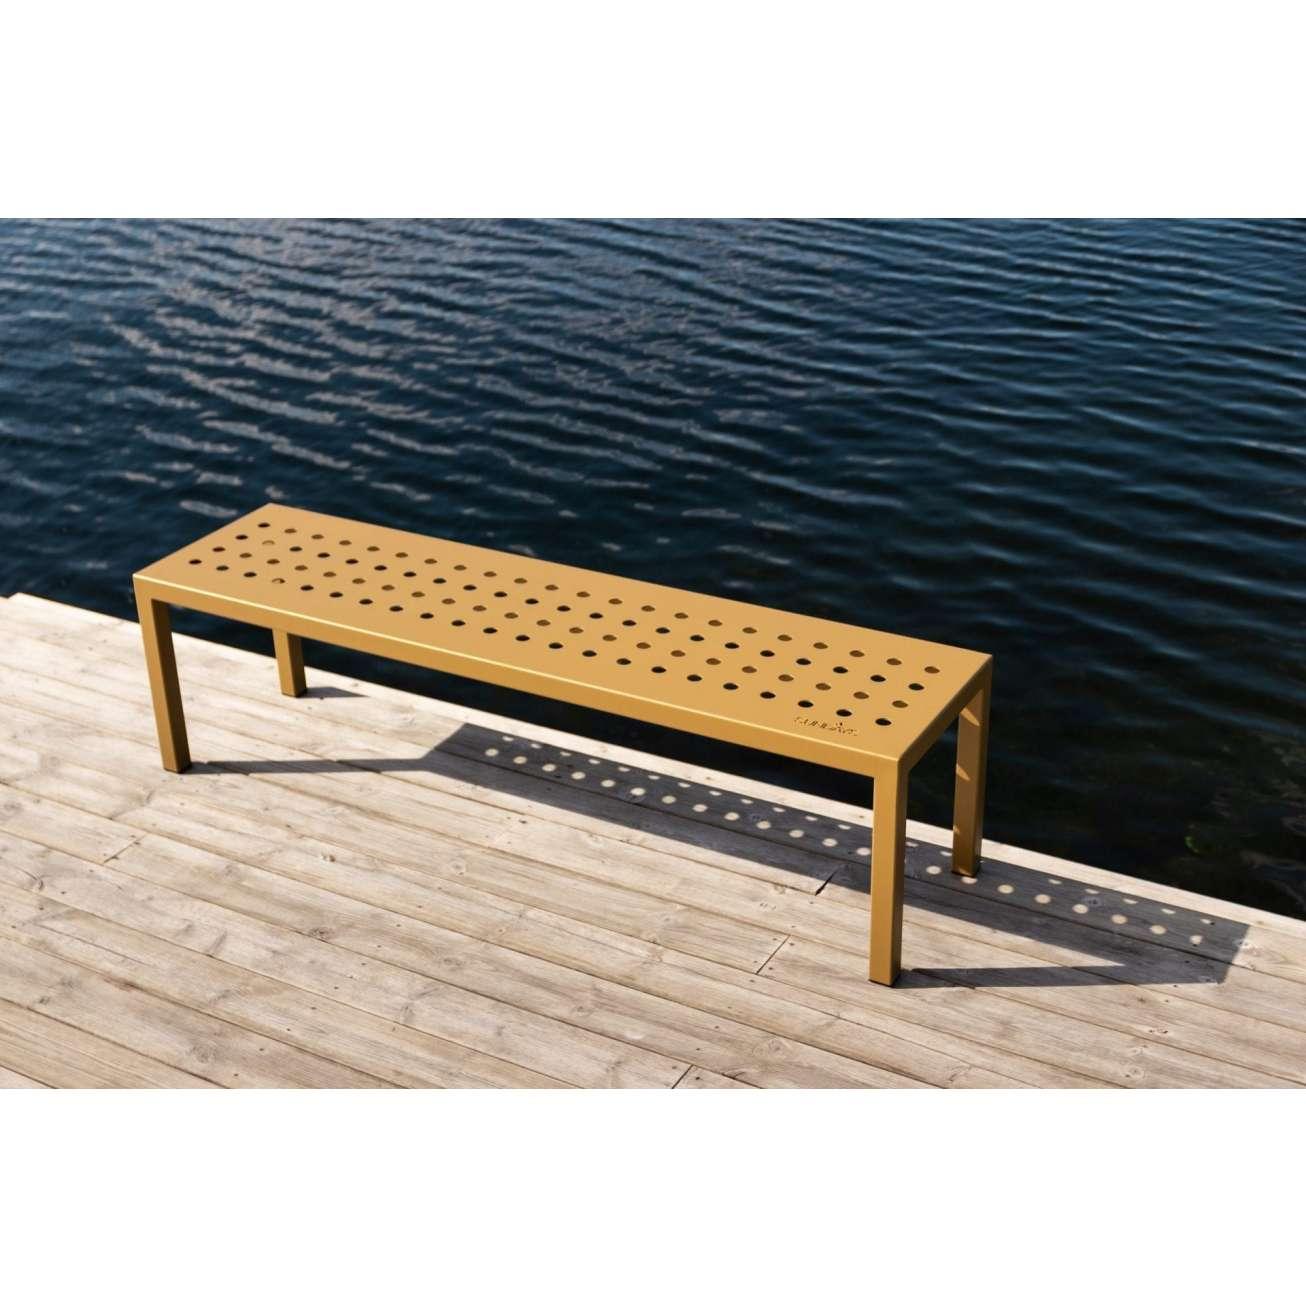 Edel-spisebenk-sundays-fra-fine-design Hagemøbler og utemøbler - Fine design